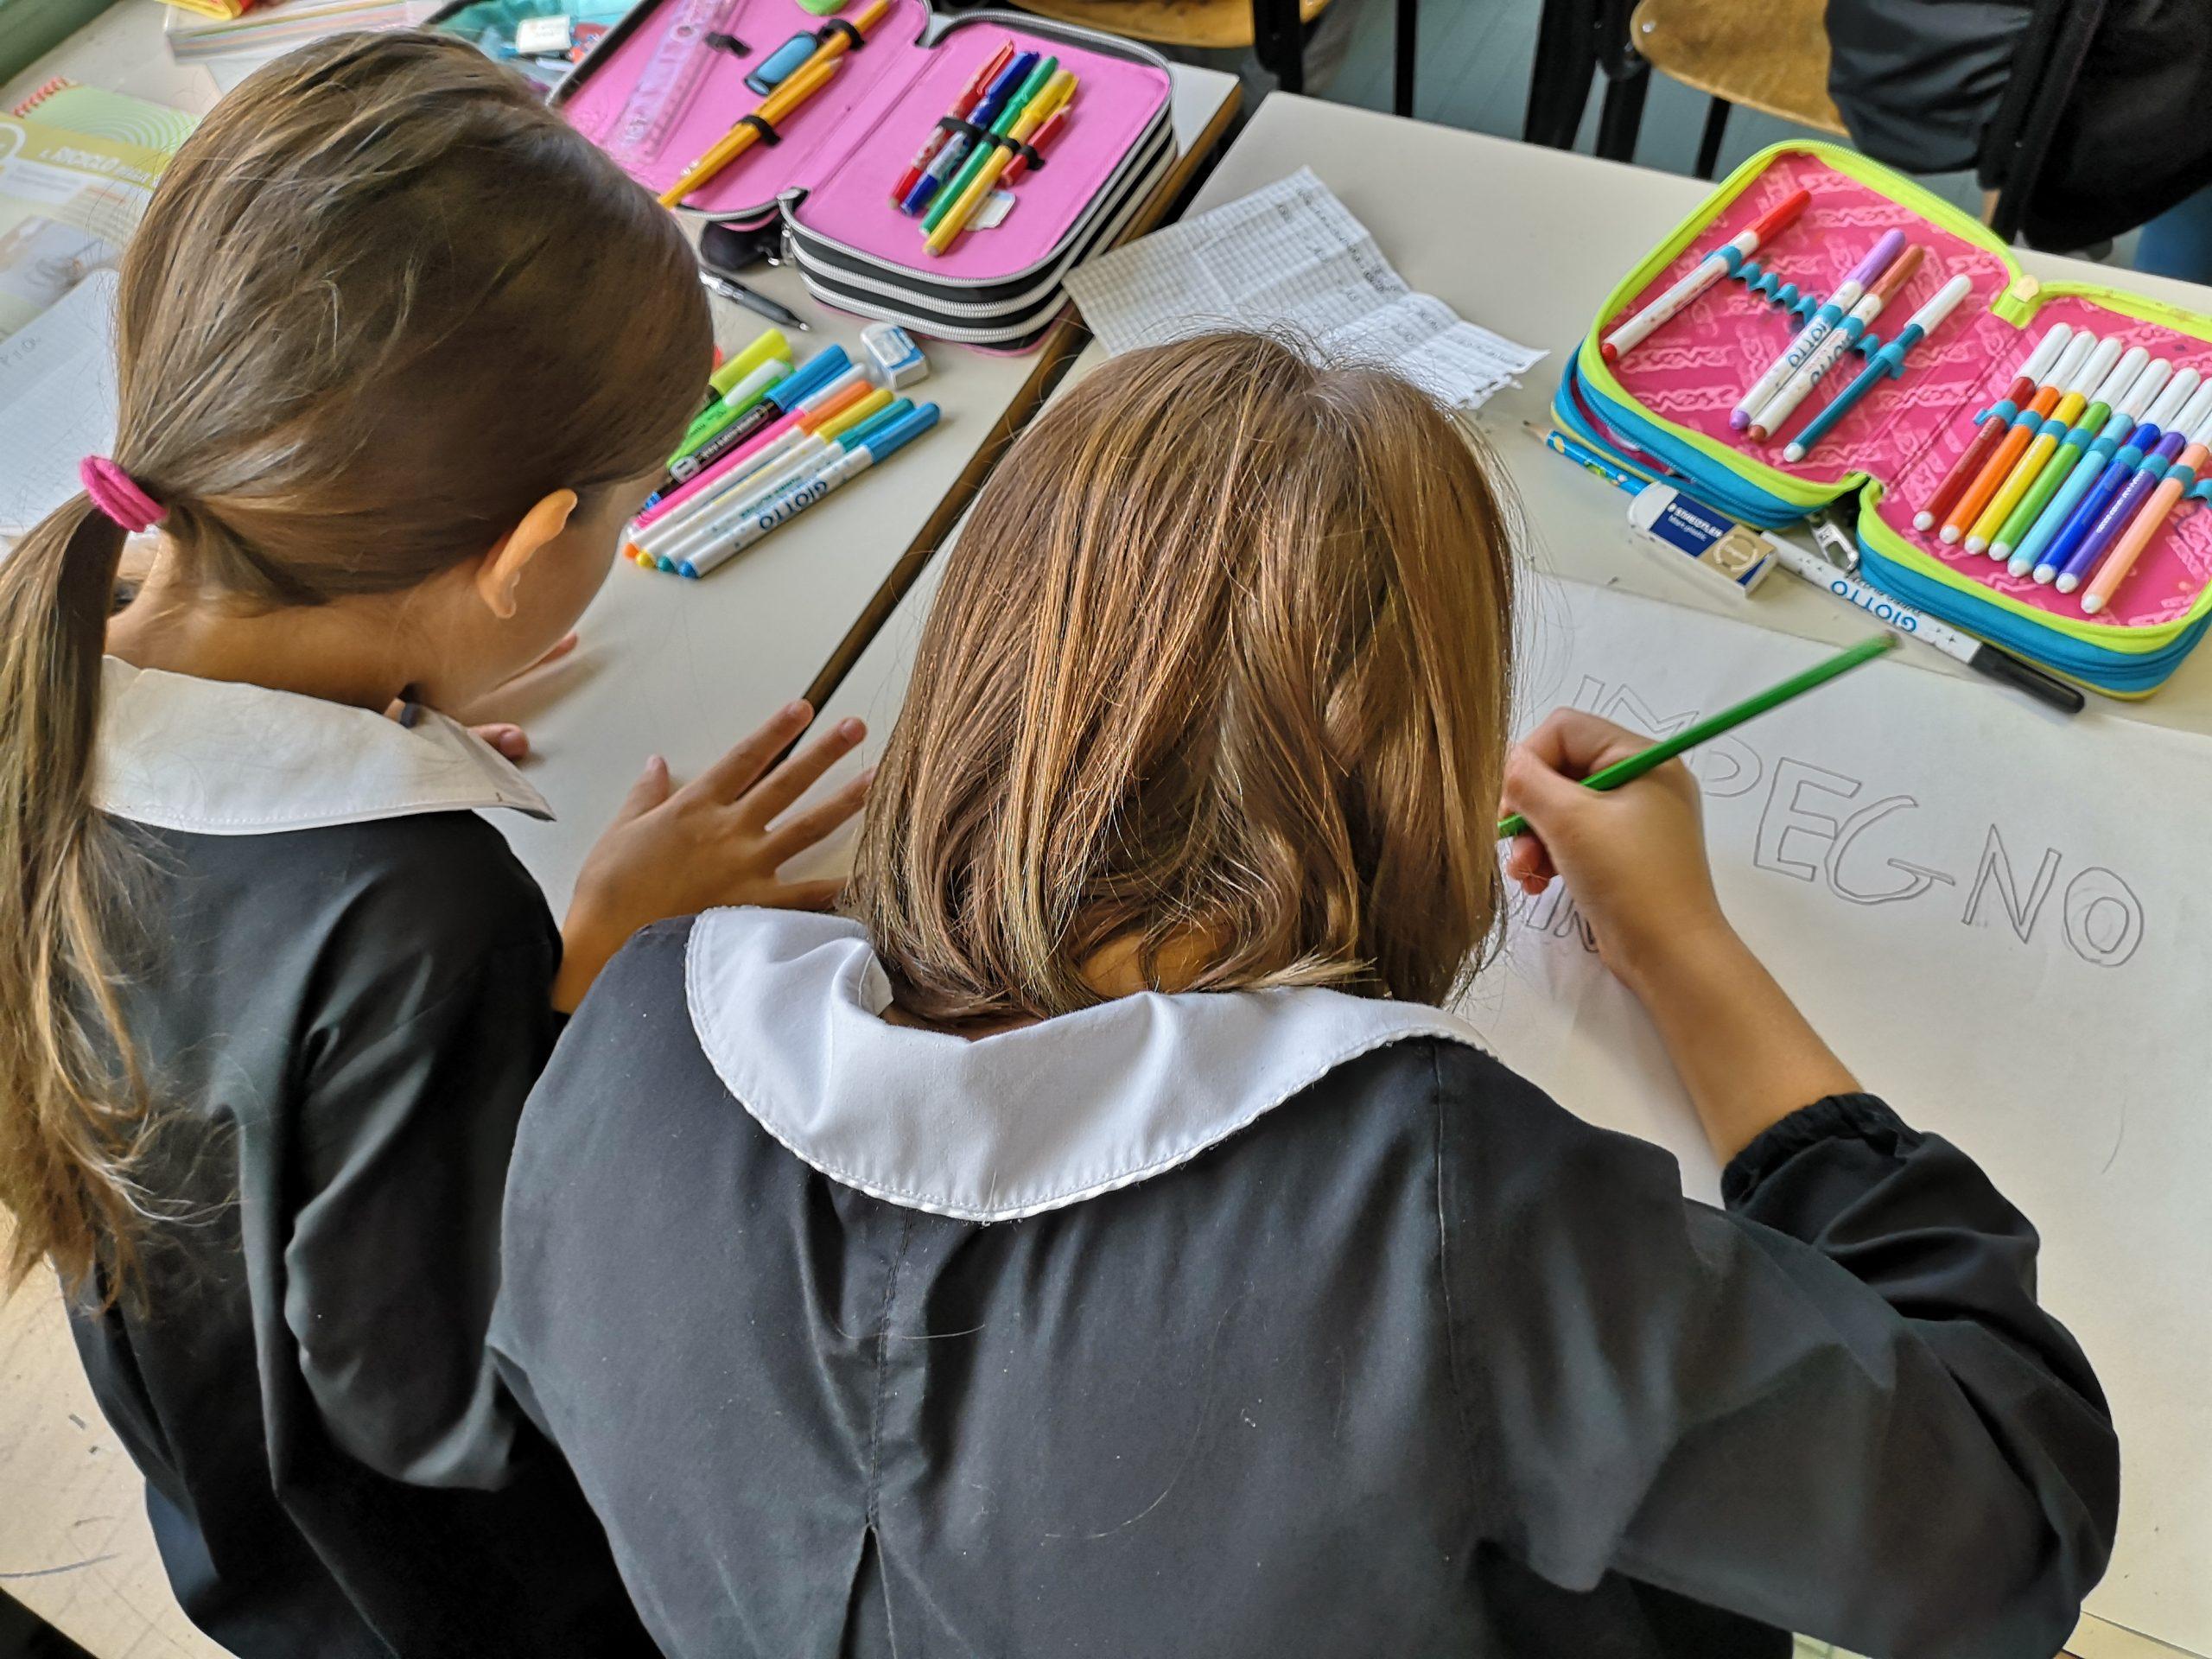 Calendario Scolastico 2020 2021 Torino Le date del calendario scolastico 2020/2021 in Regione Piemonte